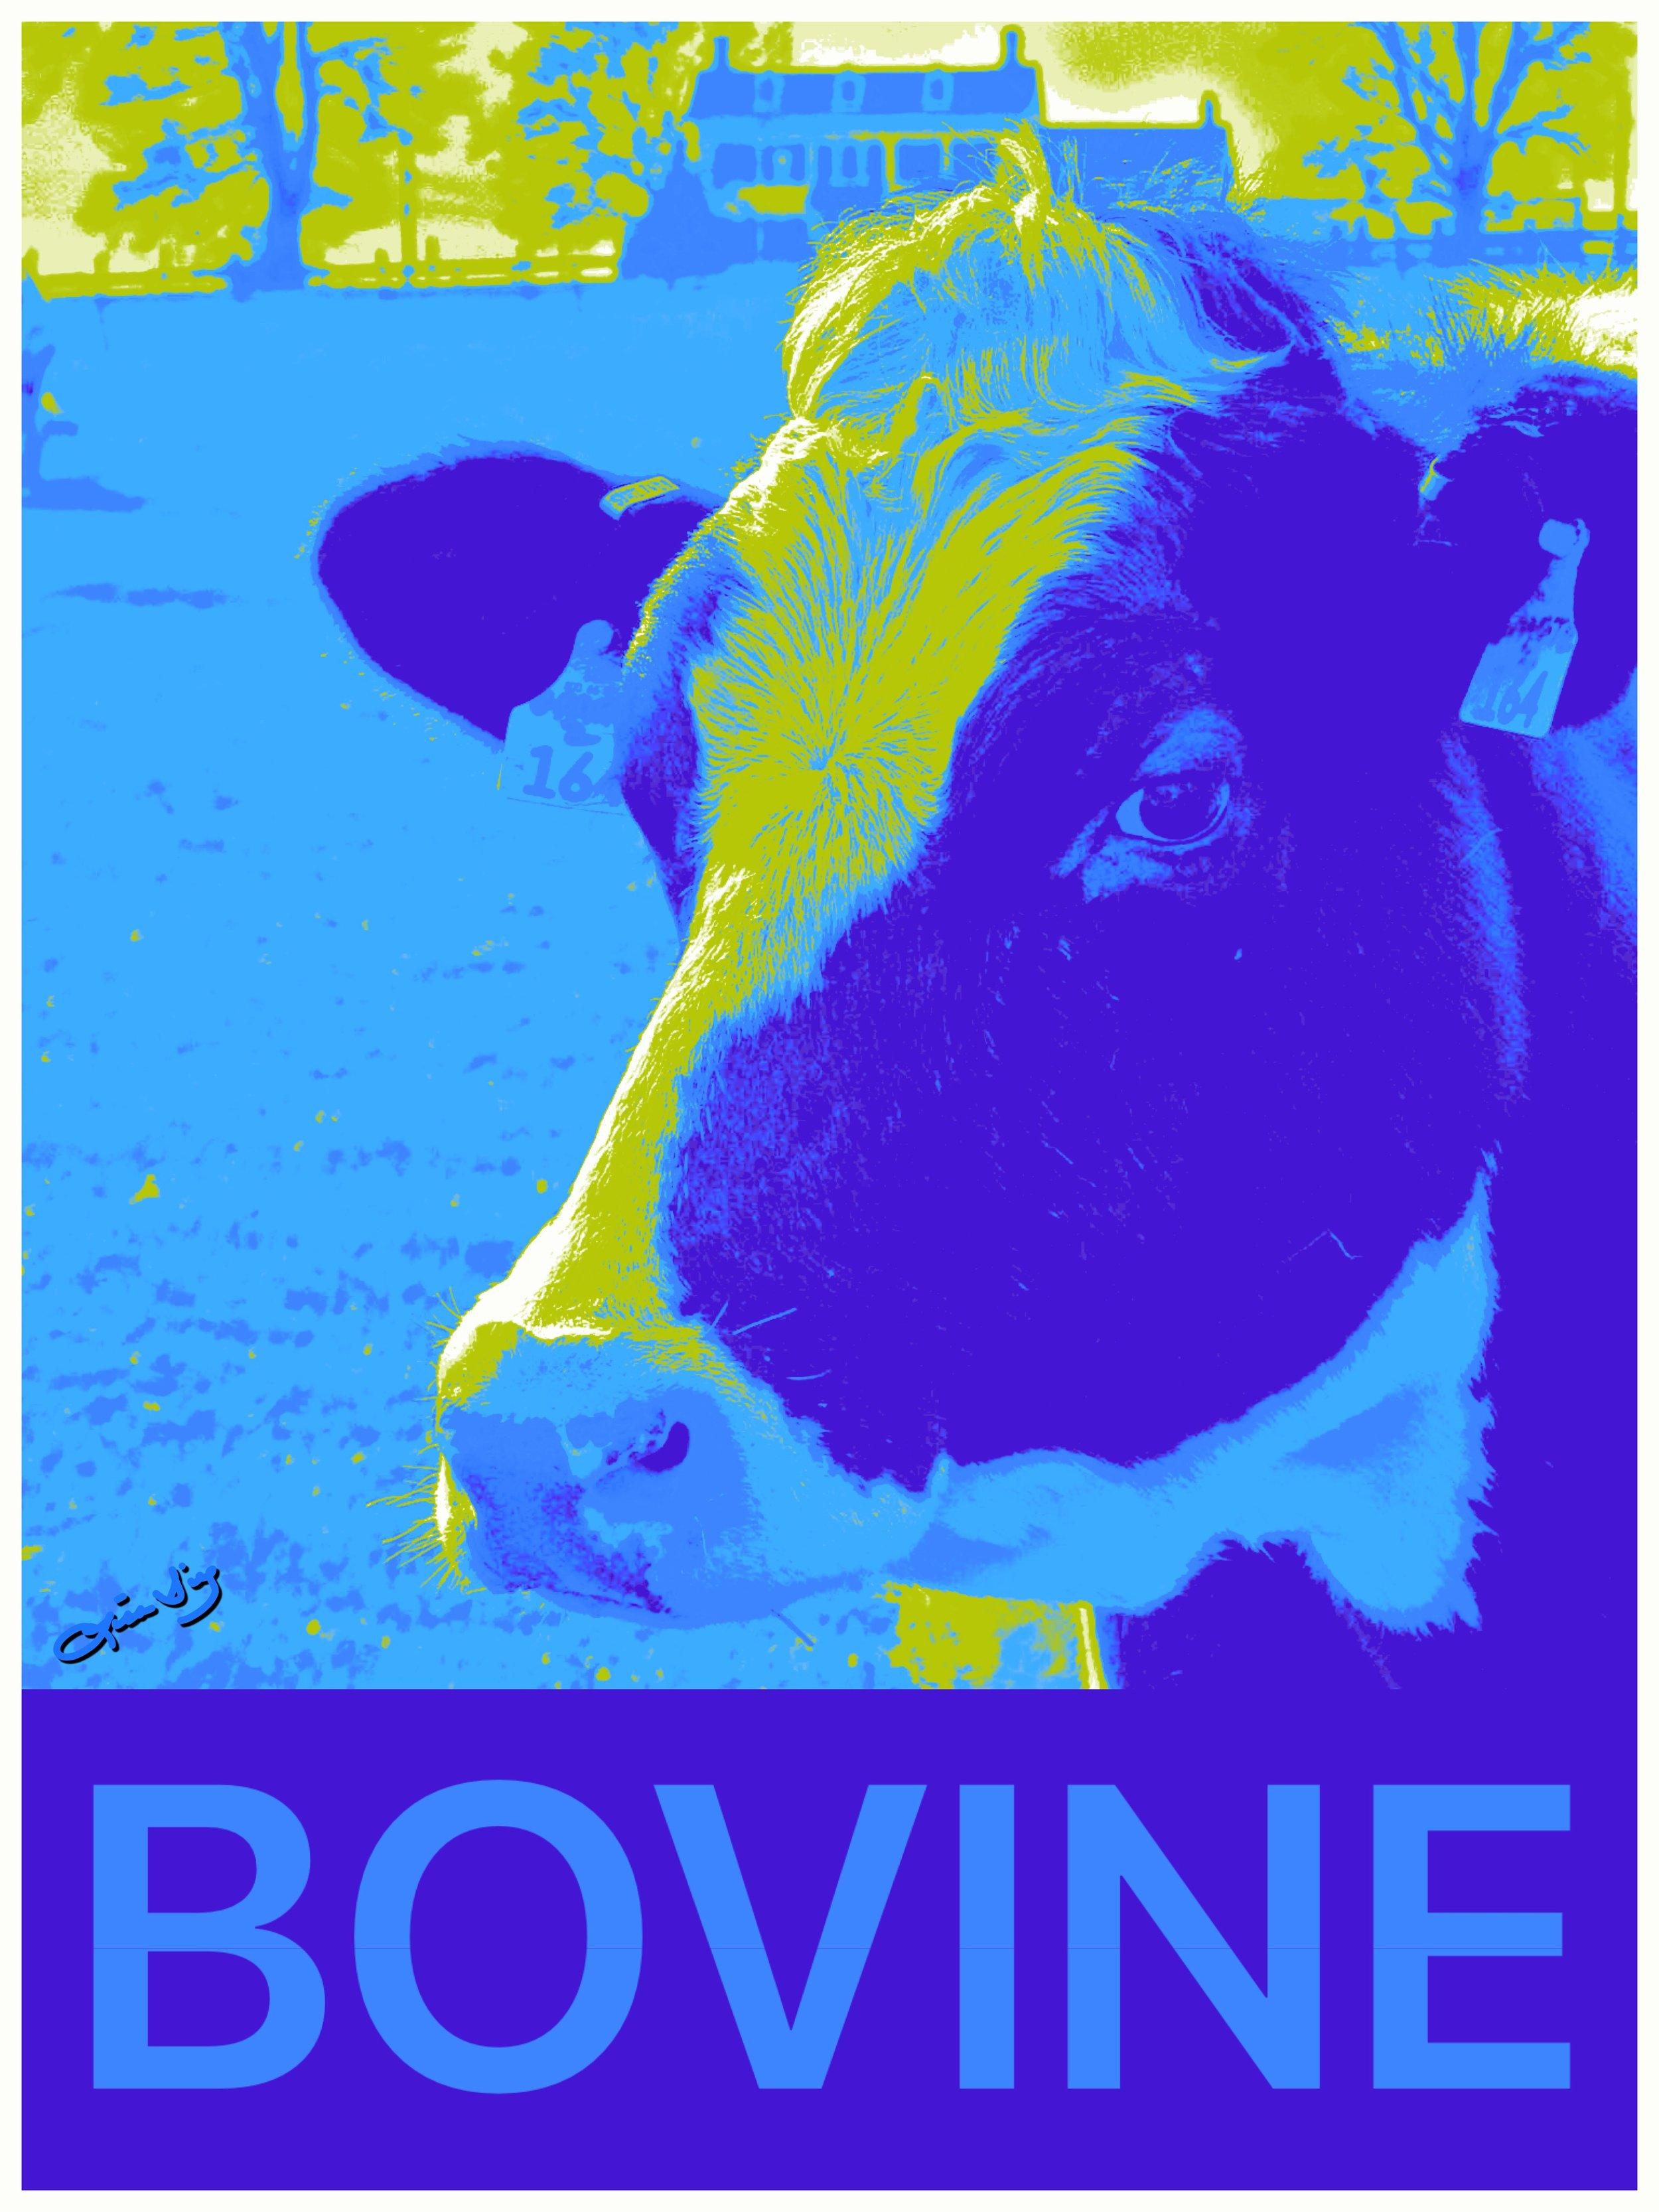 bovine poster 2.JPG